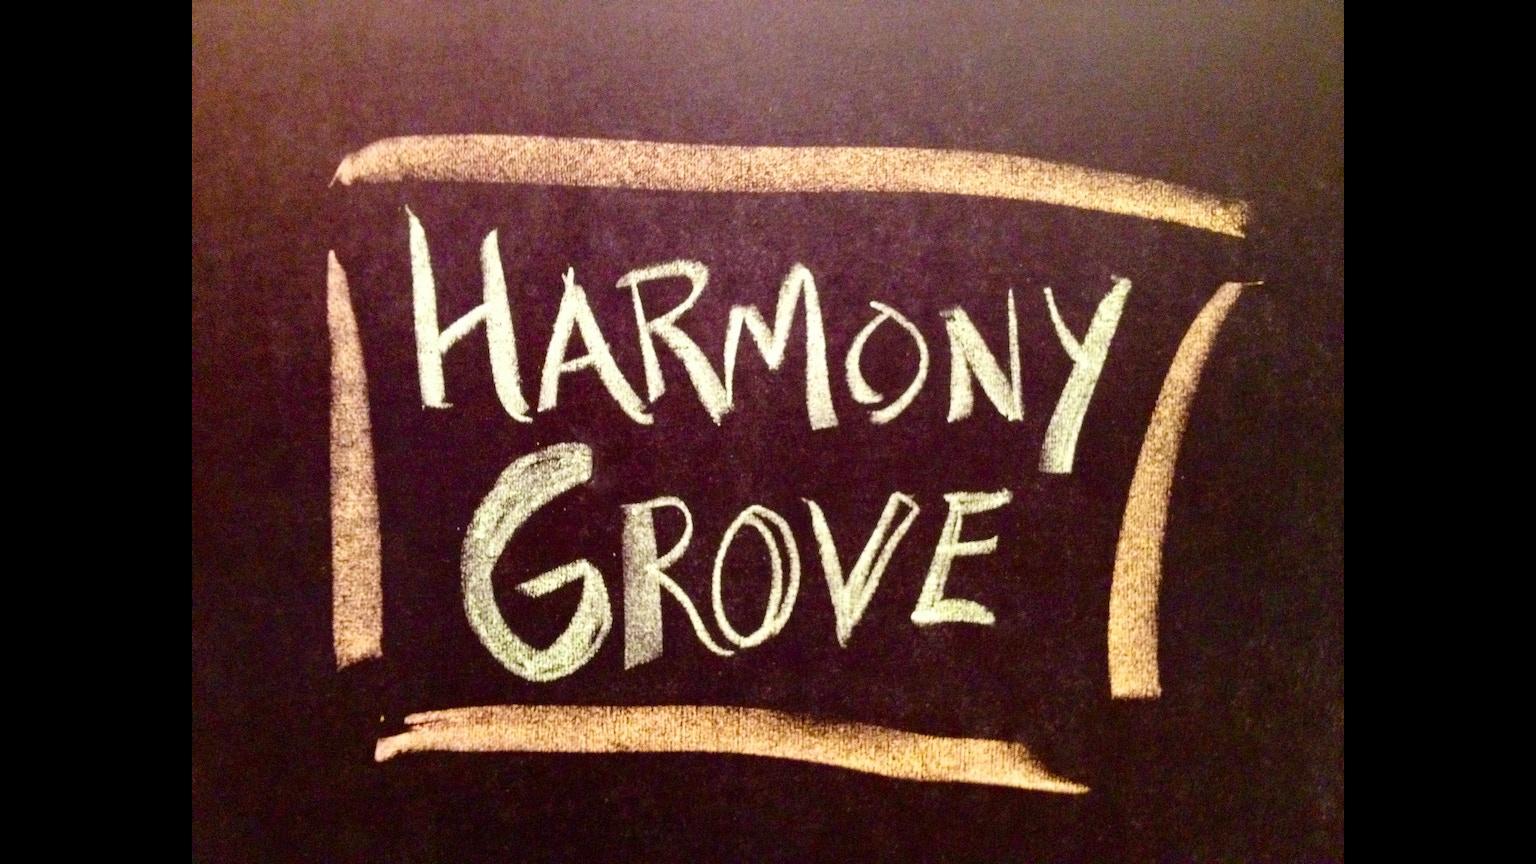 Harmony grove by andra moran kickstarter for Harmony grove